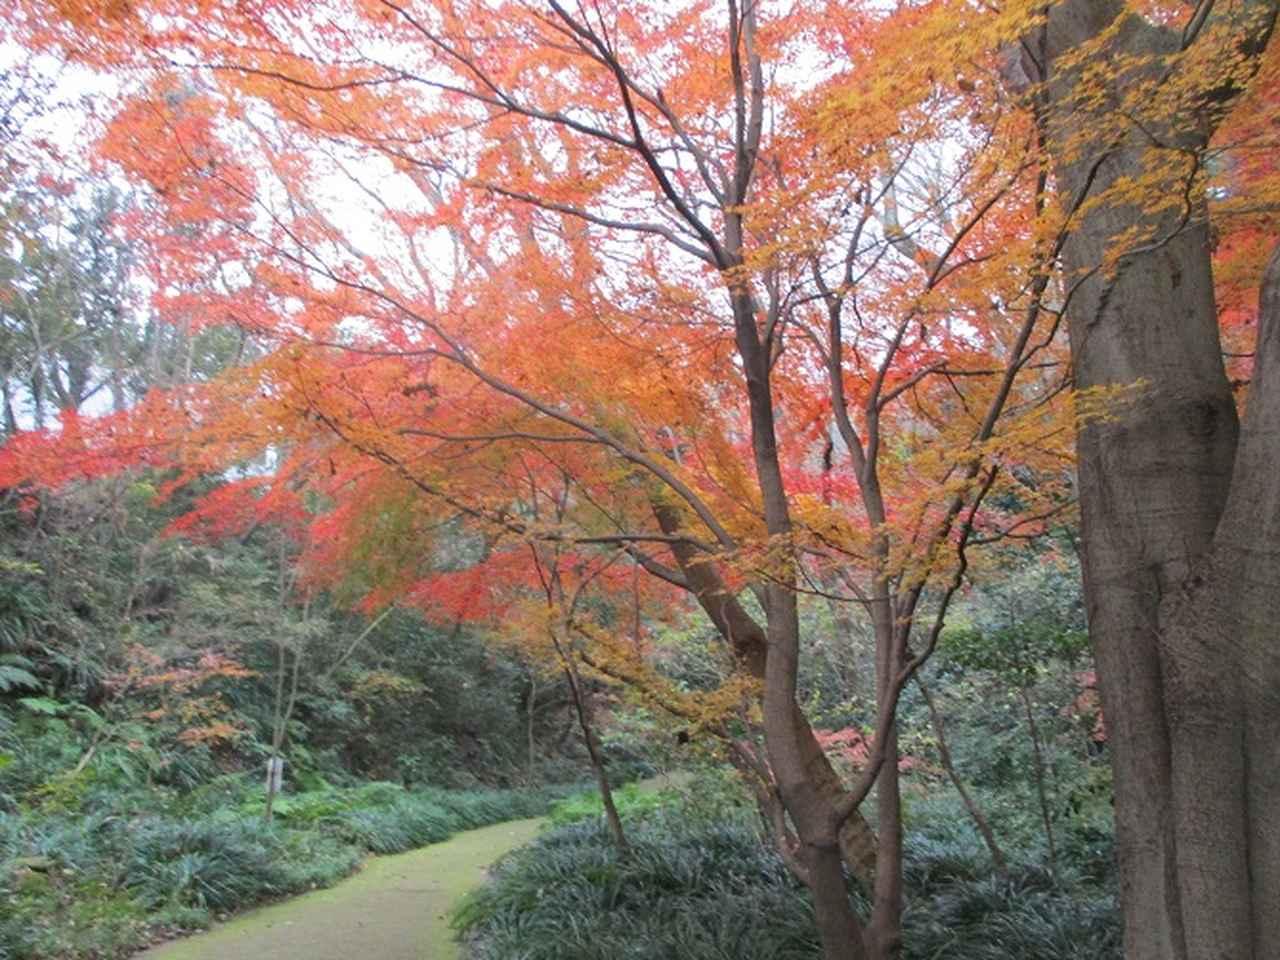 画像3: 先日12月22日に山旅会現地集合 「能見堂緑地から天園」 ツアーにいってまいりました!